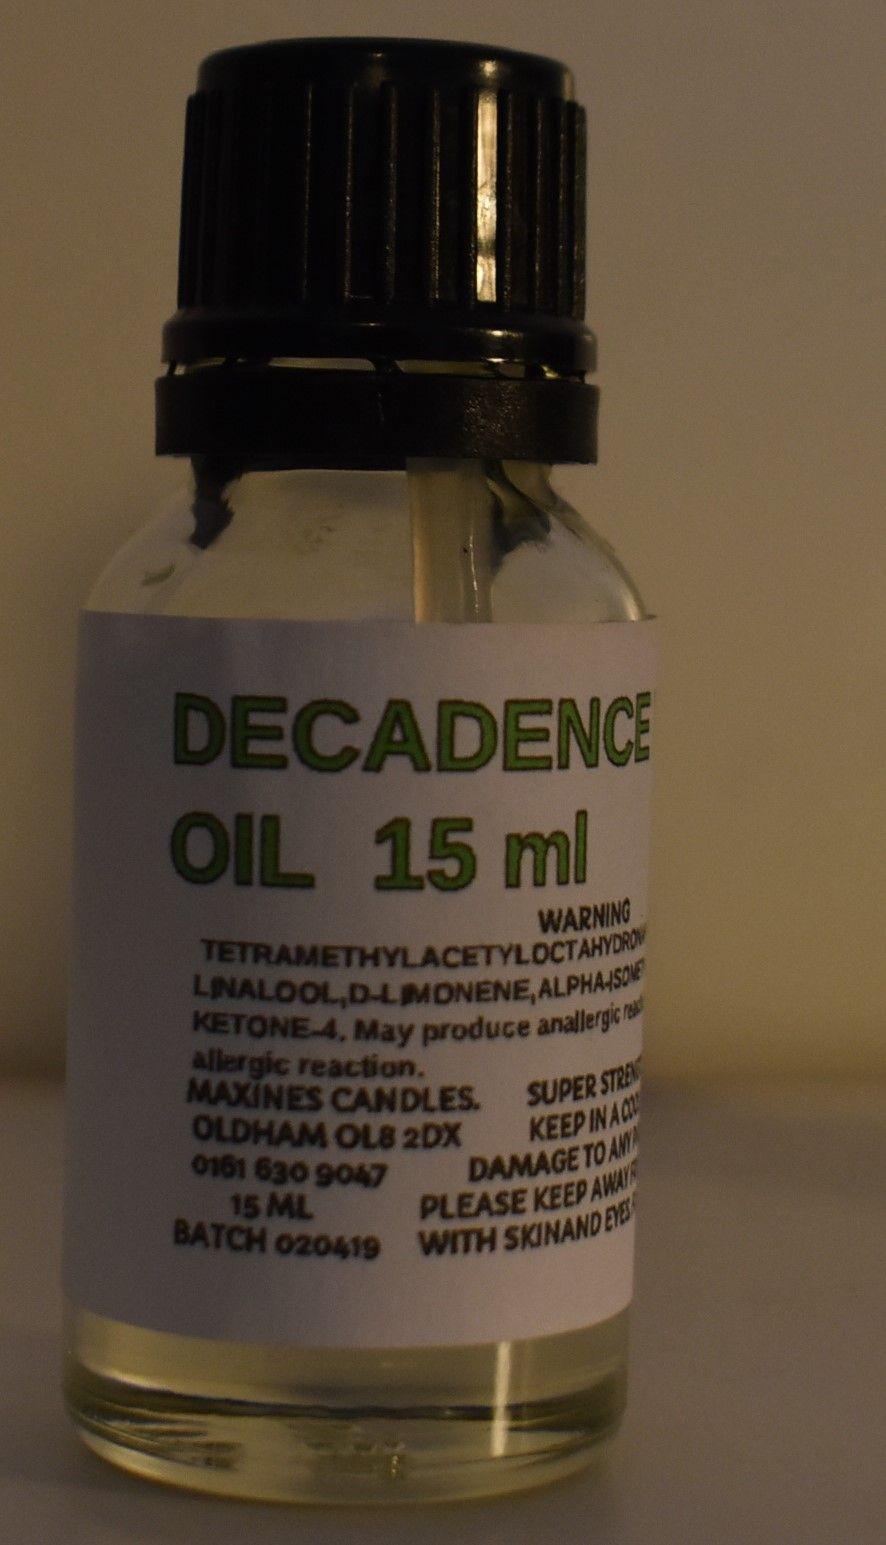 SIMILAR TO DECADENCE FRAGRANCE OIL